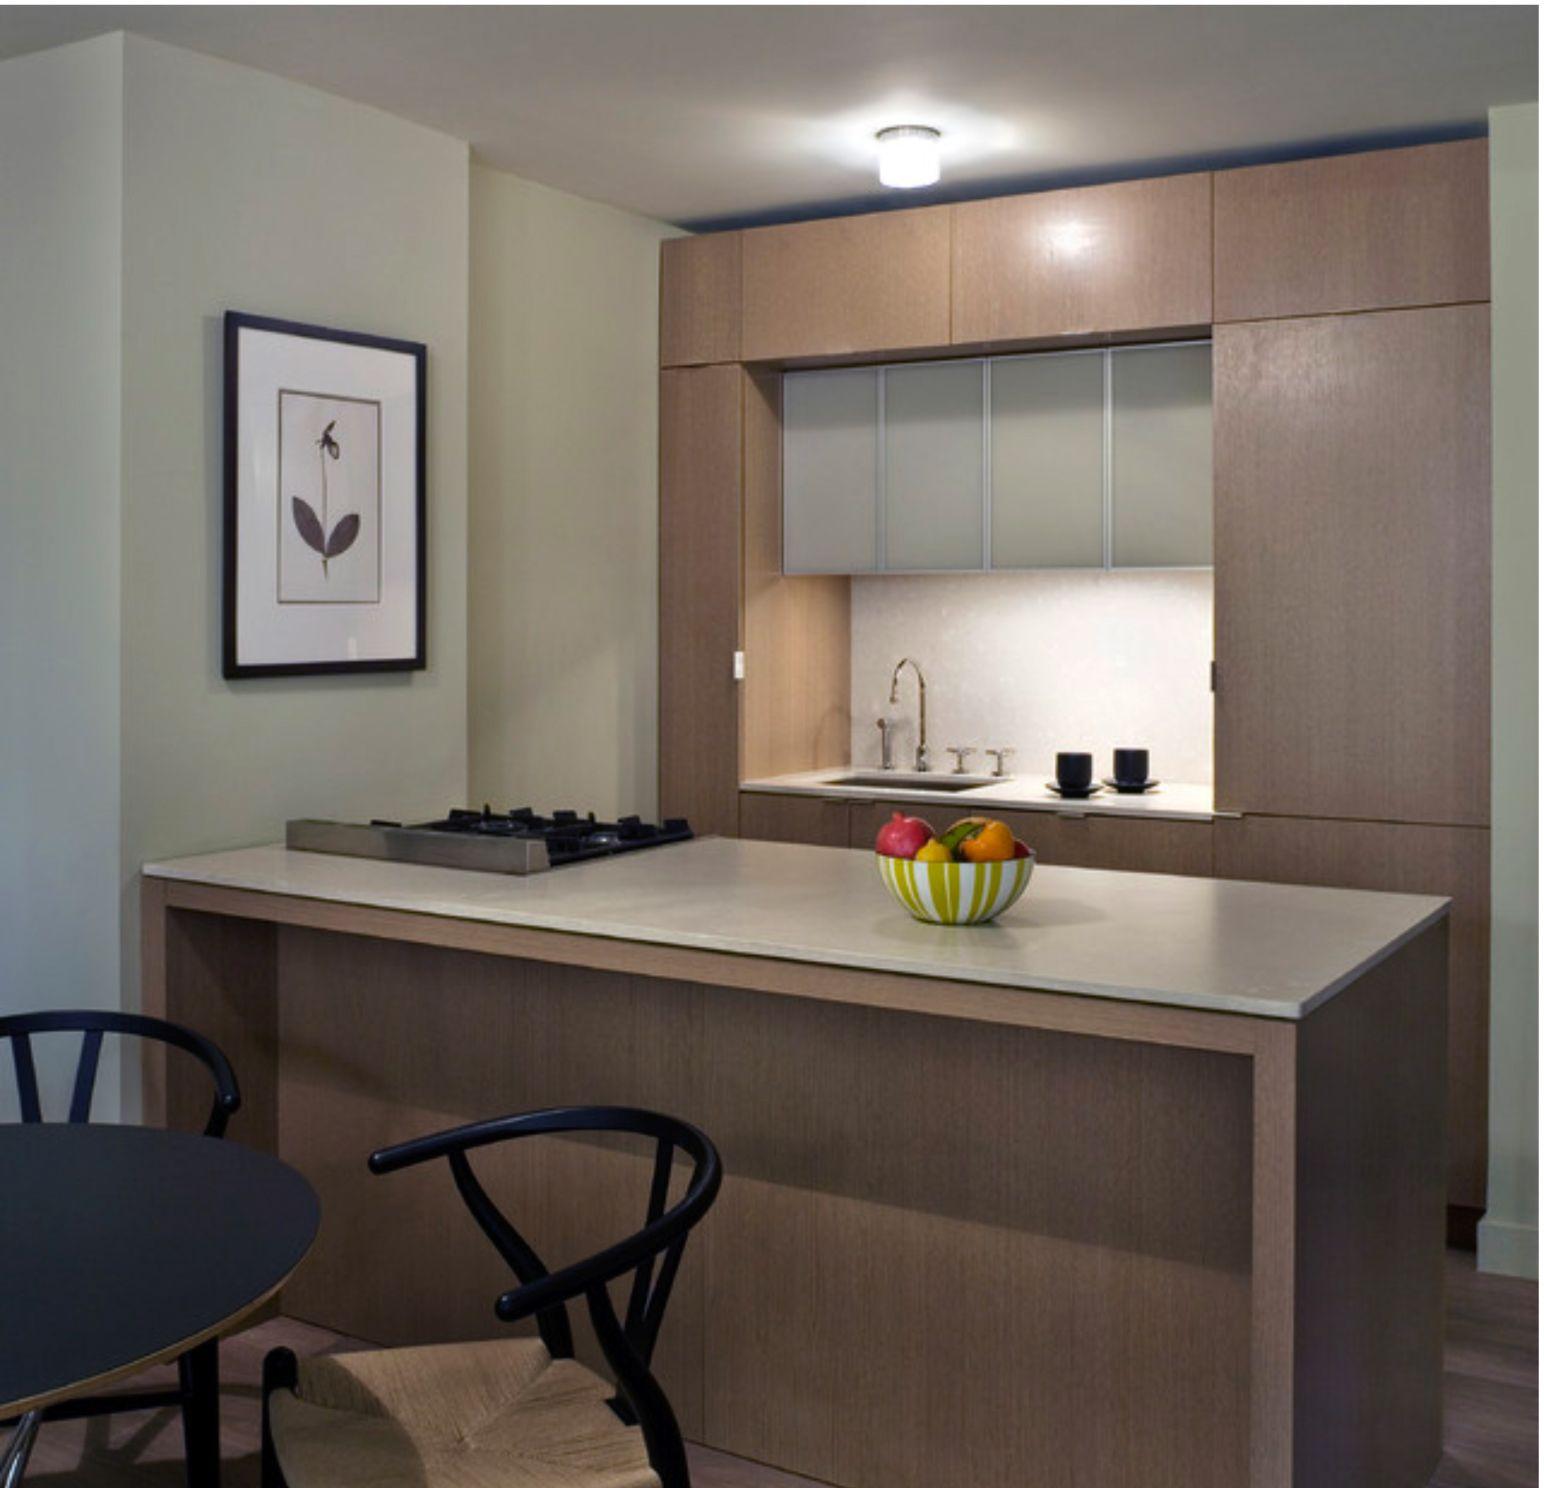 Small Condo Designs Condominiums: Small Condo Kitchen, Condo Kitchen